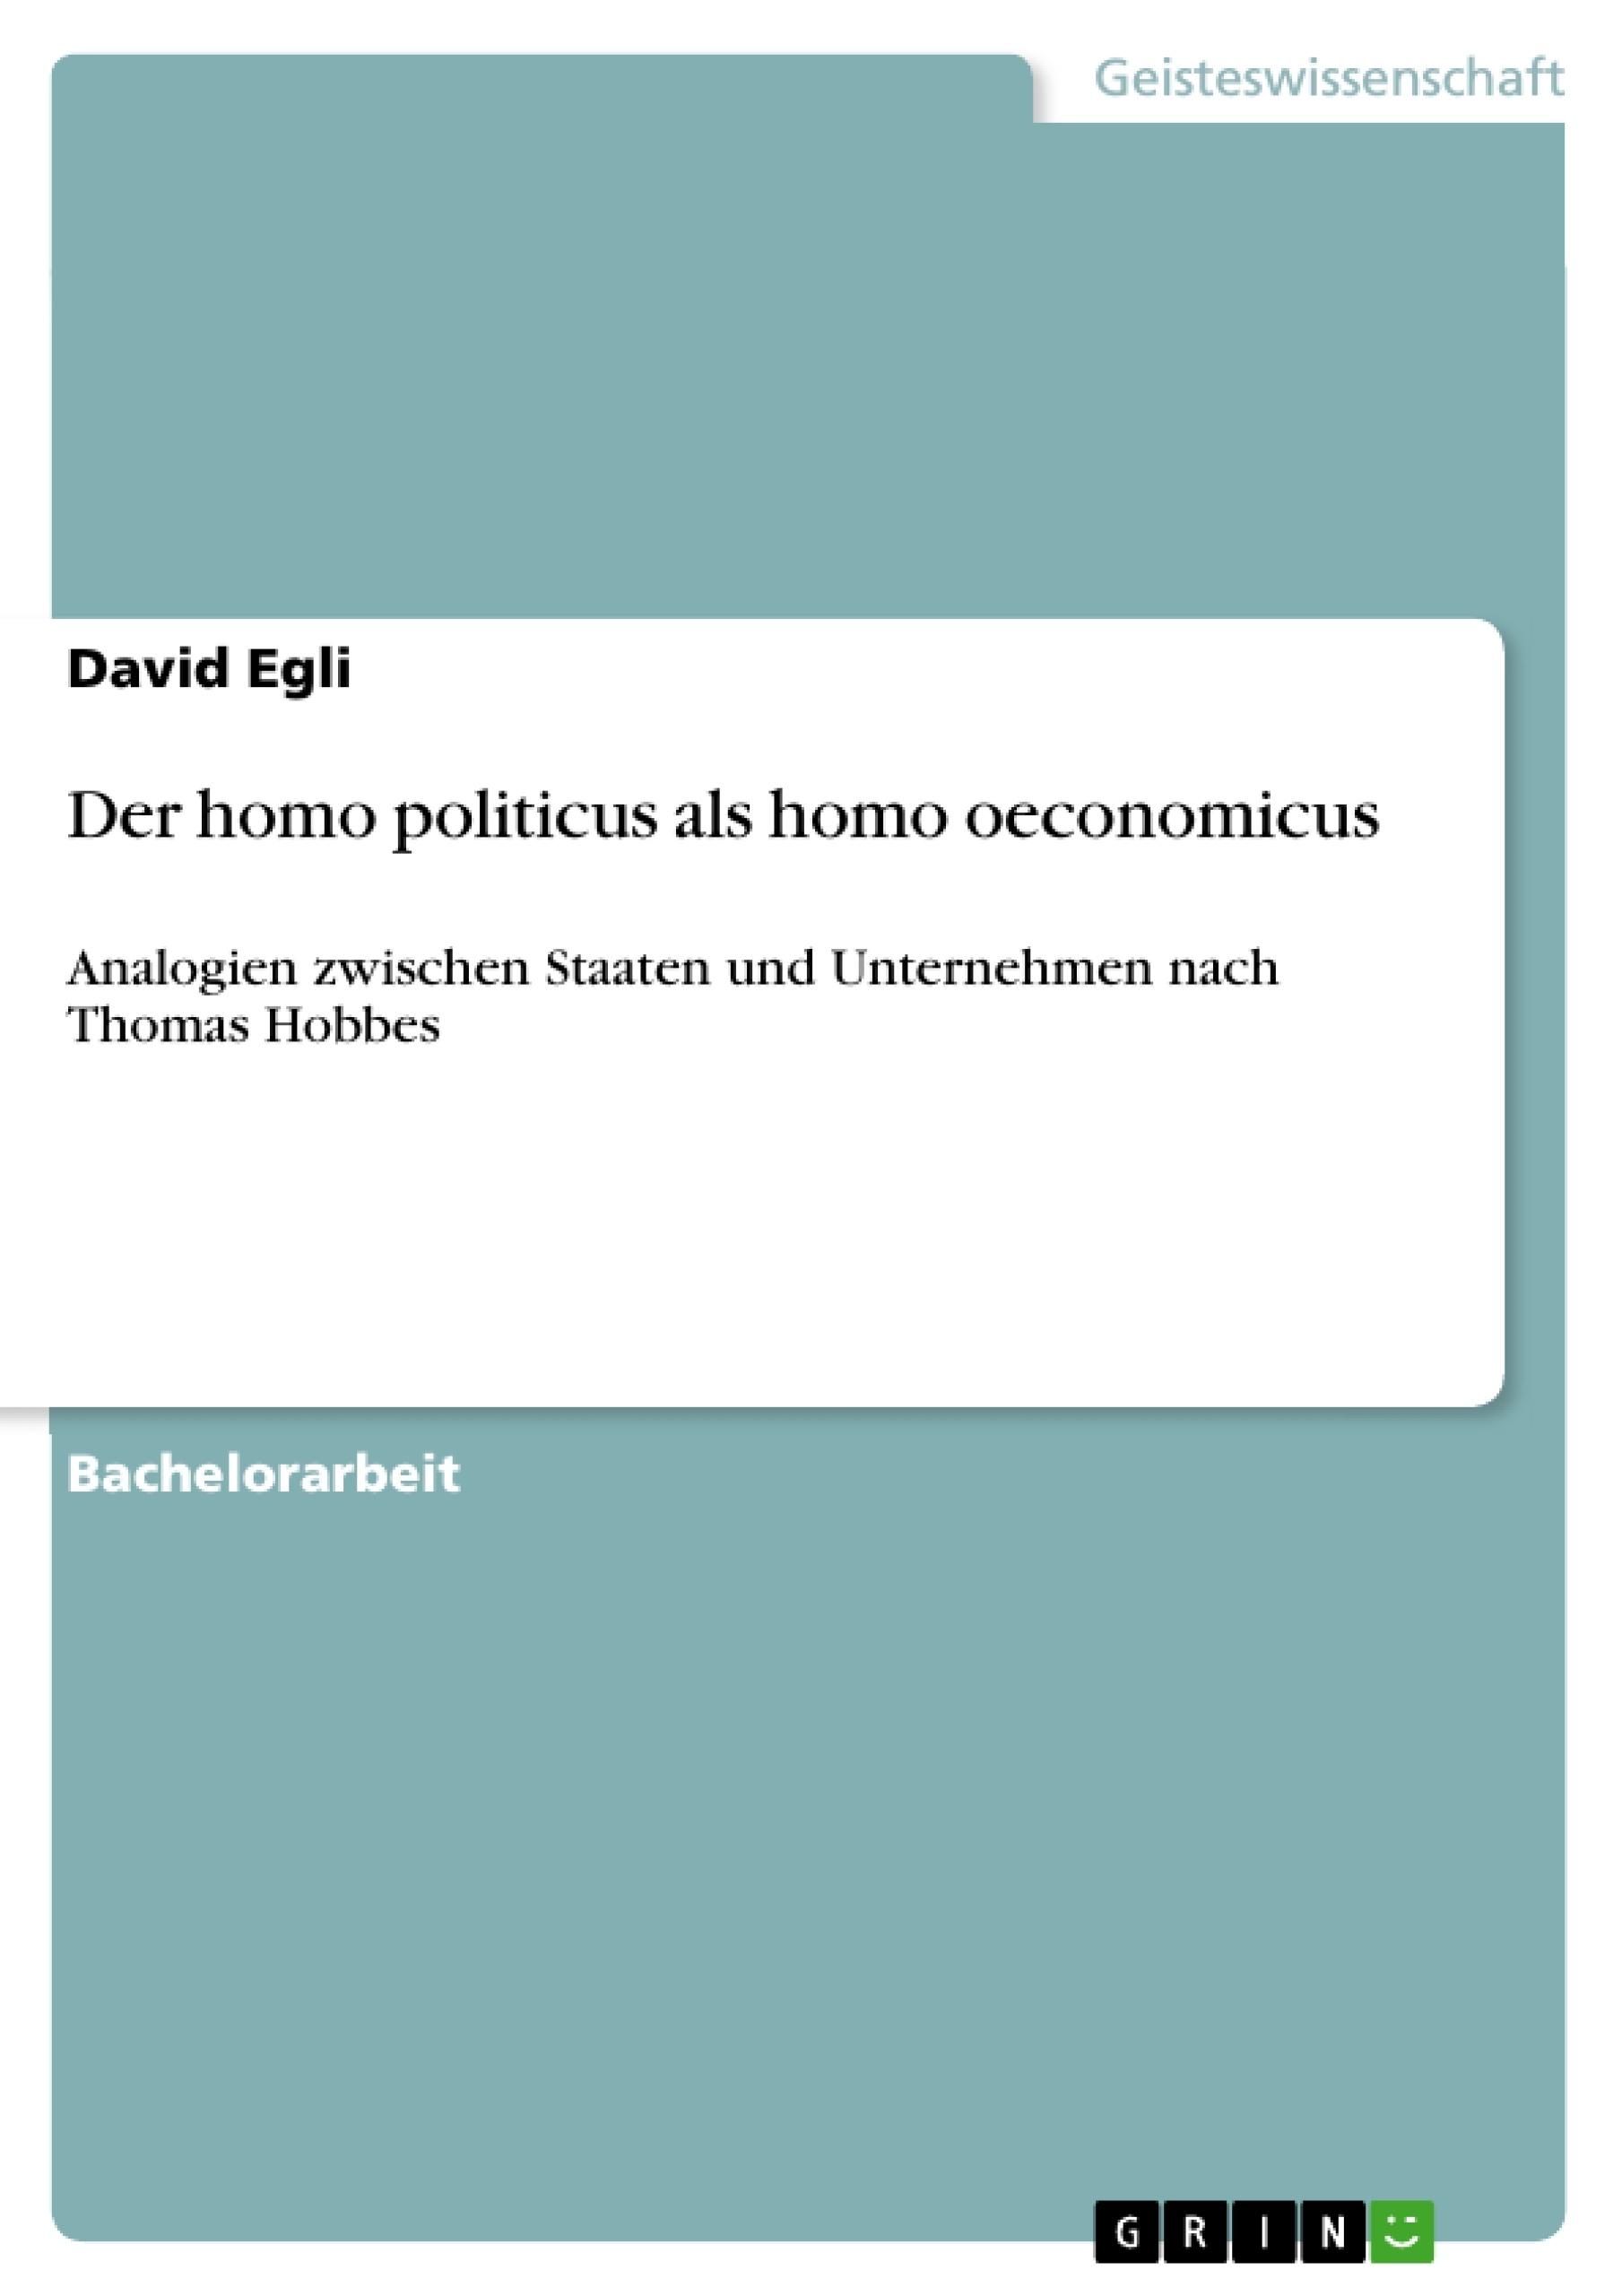 Titel: Der homo politicus als homo oeconomicus